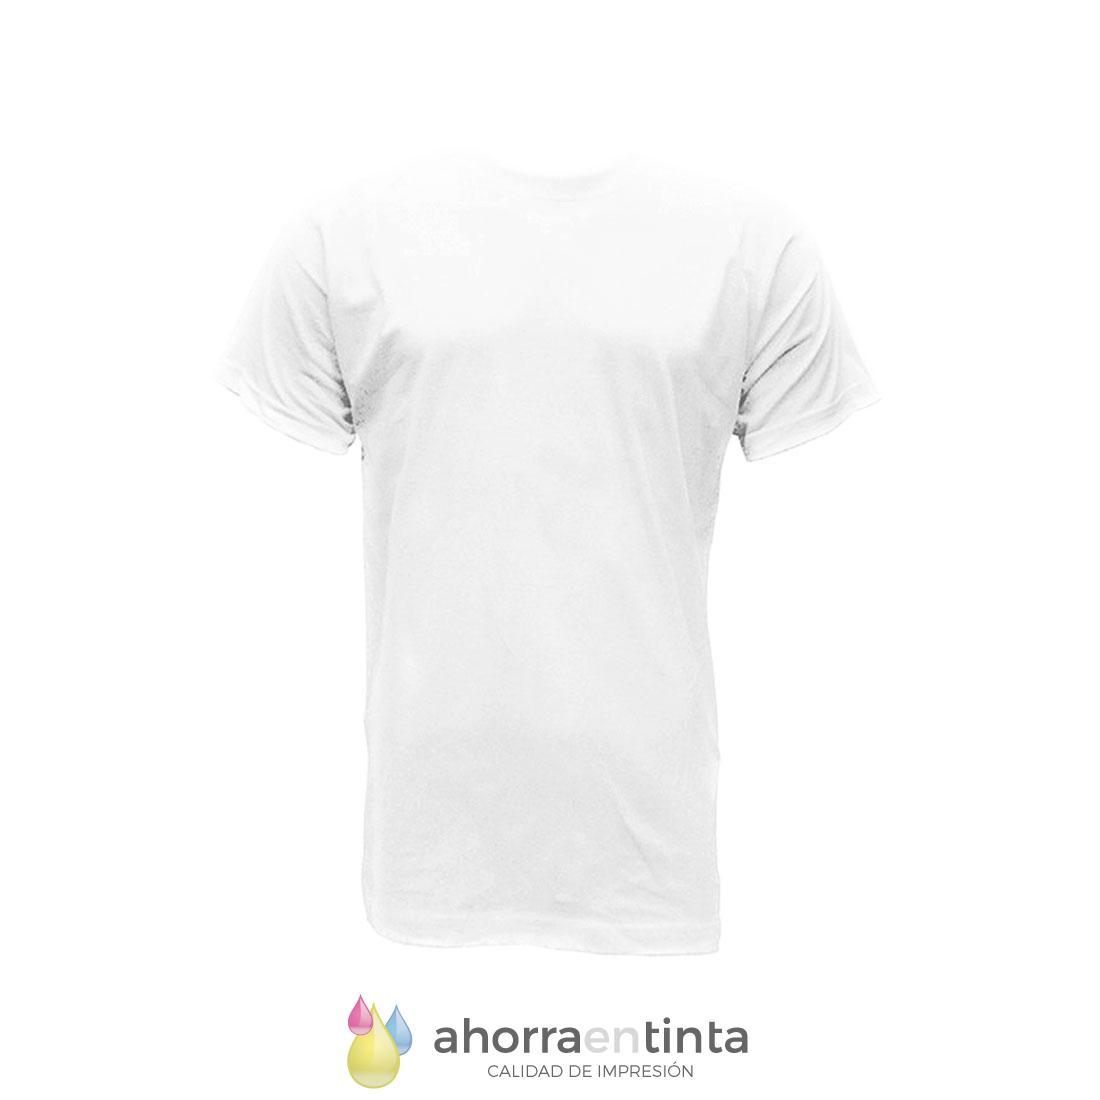 Camiseta -gran opacidad TACTO ALGODON- Poliester Blanca 180gr  Polaris HOMBRE. Tallas XS a XXXL (dan poca talla)